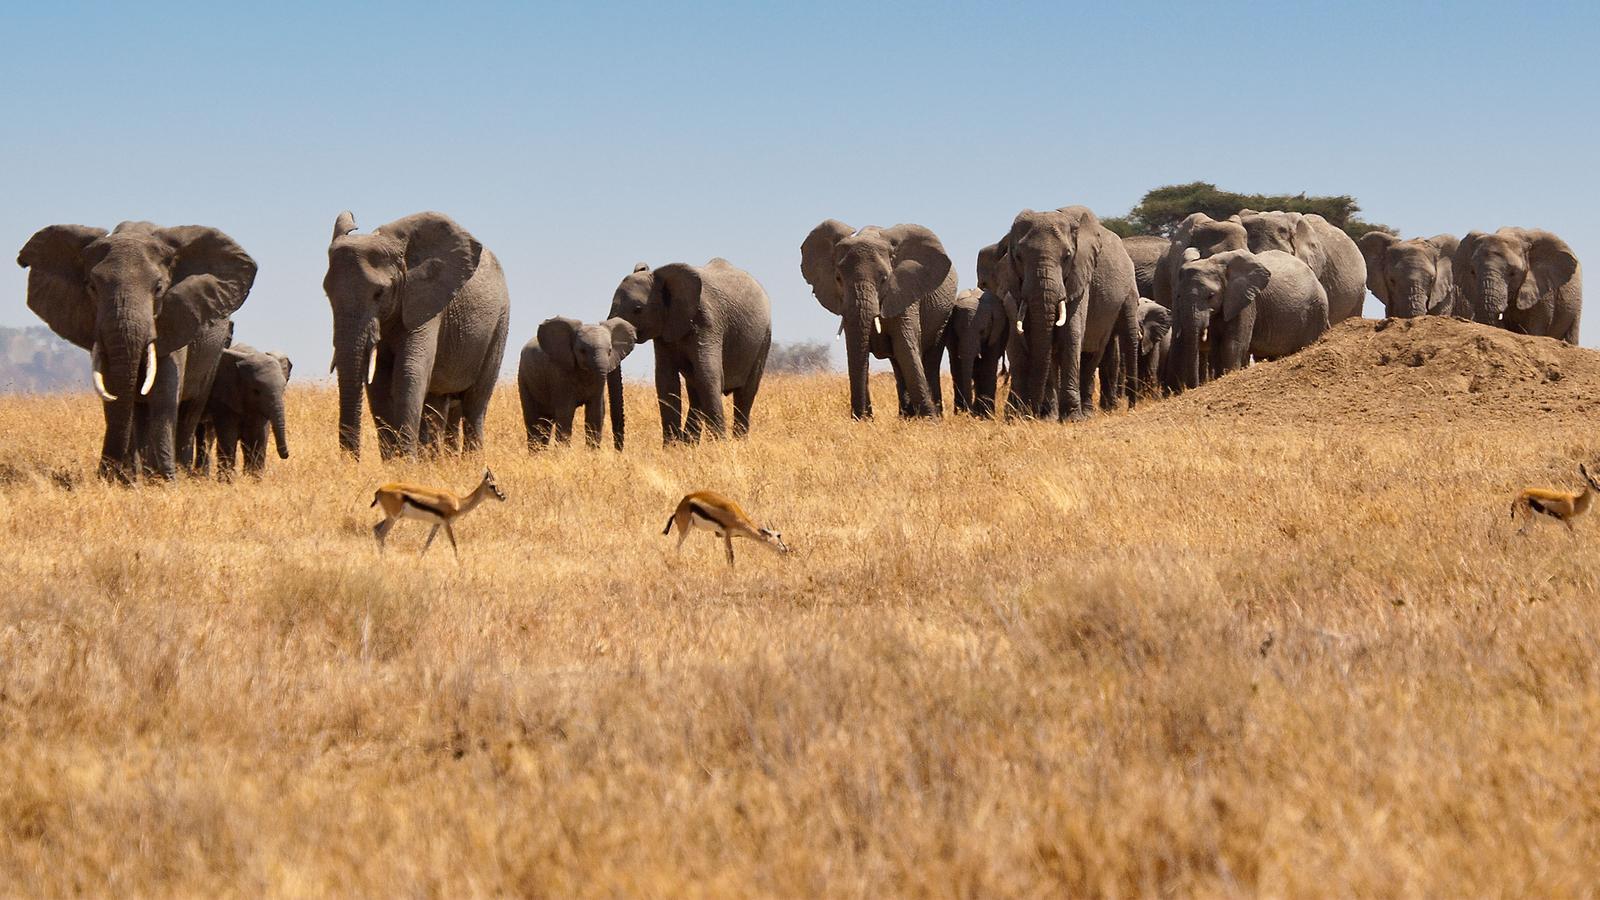 Safari Tours From Cote D Ivoire